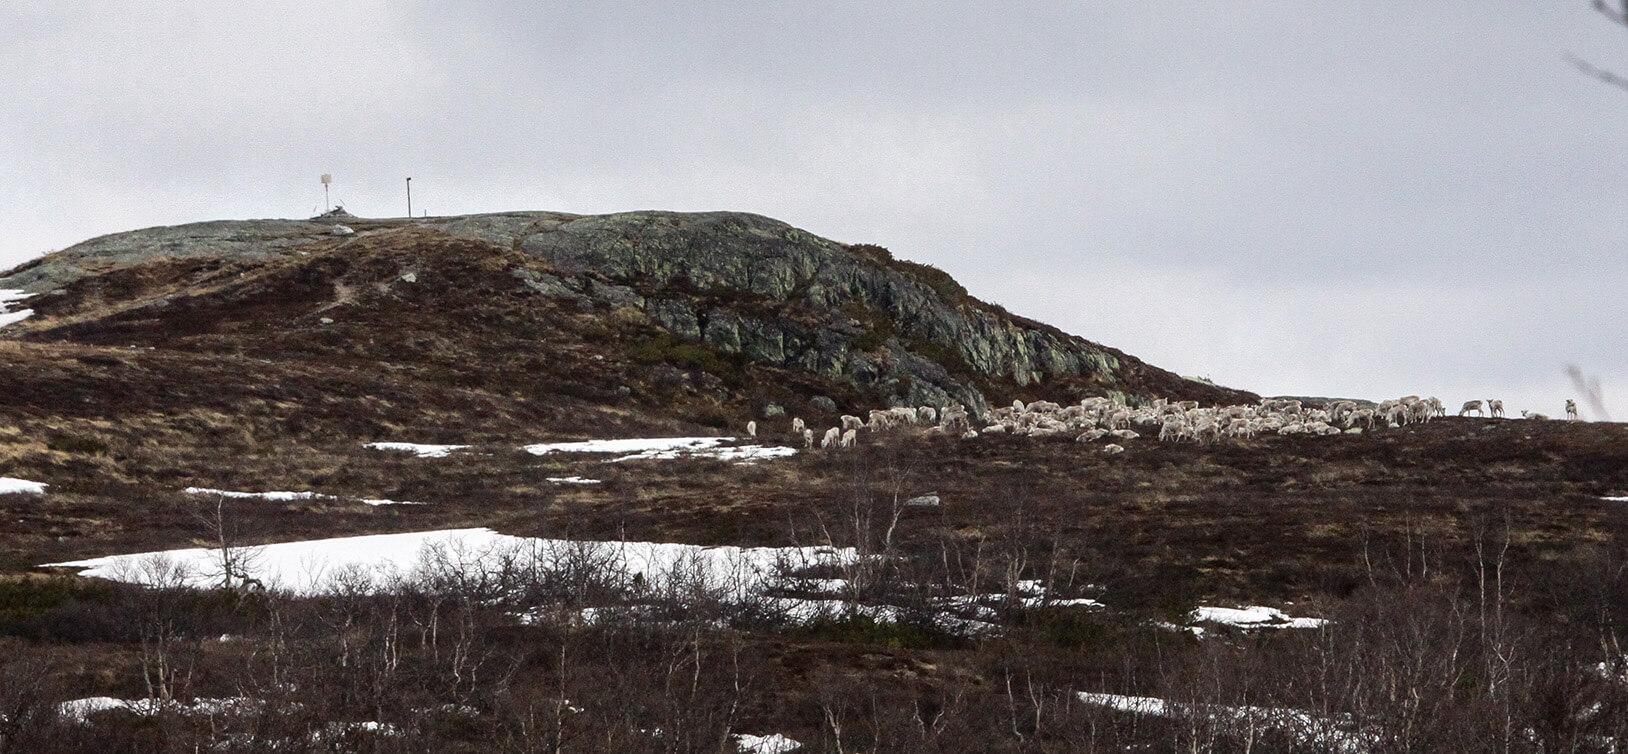 Villreinflokk ved Falkenòbba – Falkenuten